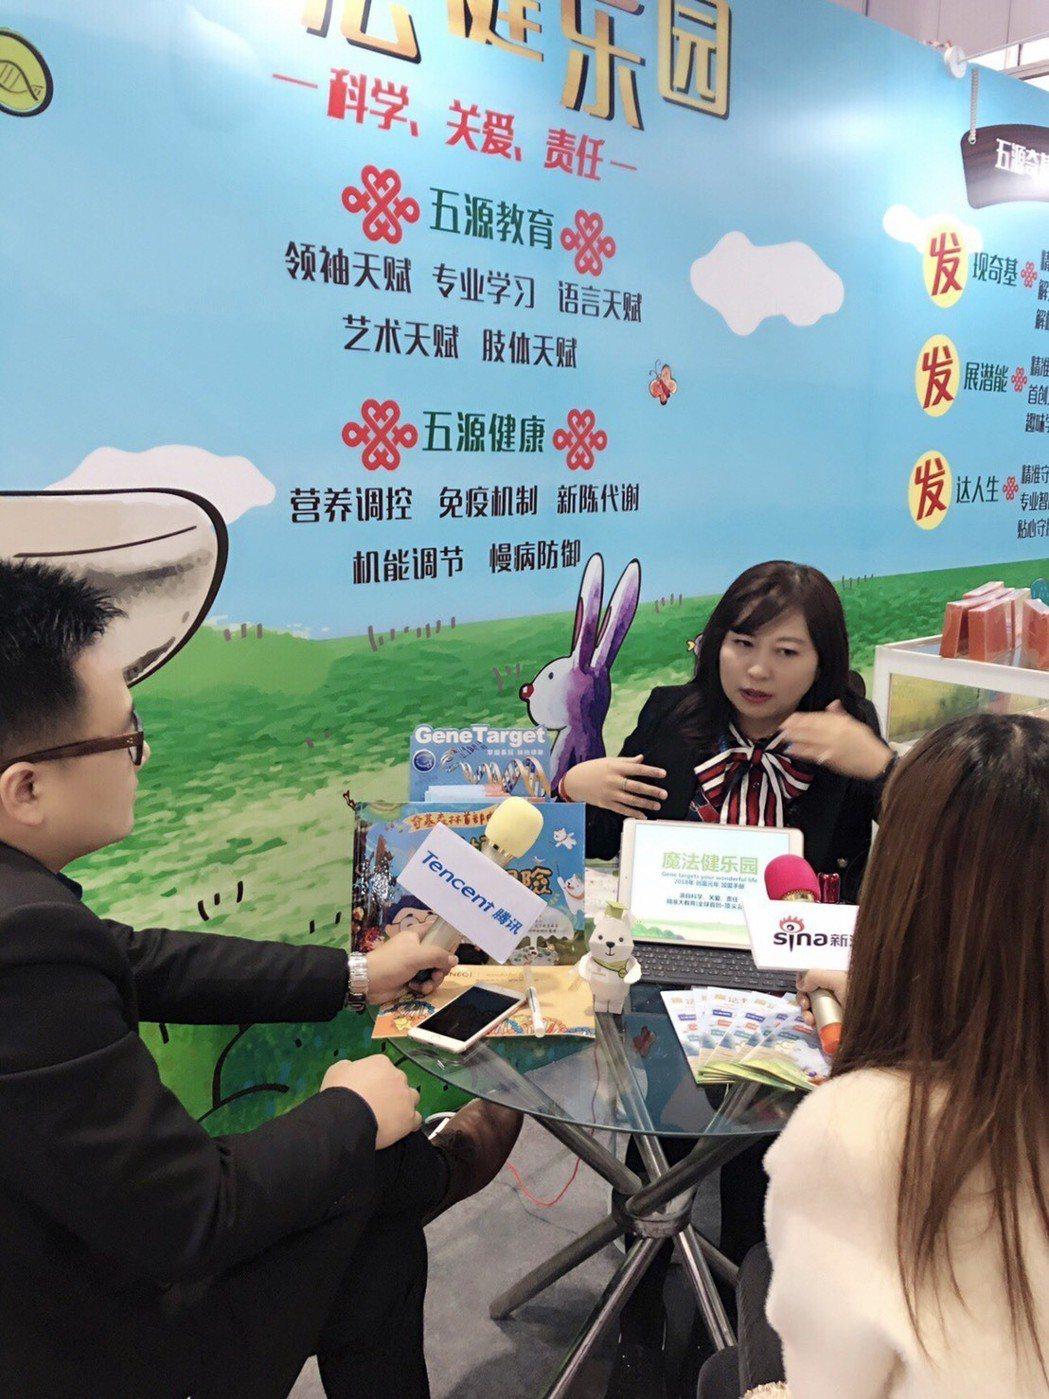 達易特董事長陳怡芳發表「應用基因檢測的適性教育分析方法」取得專利,吸引媒體關注。...